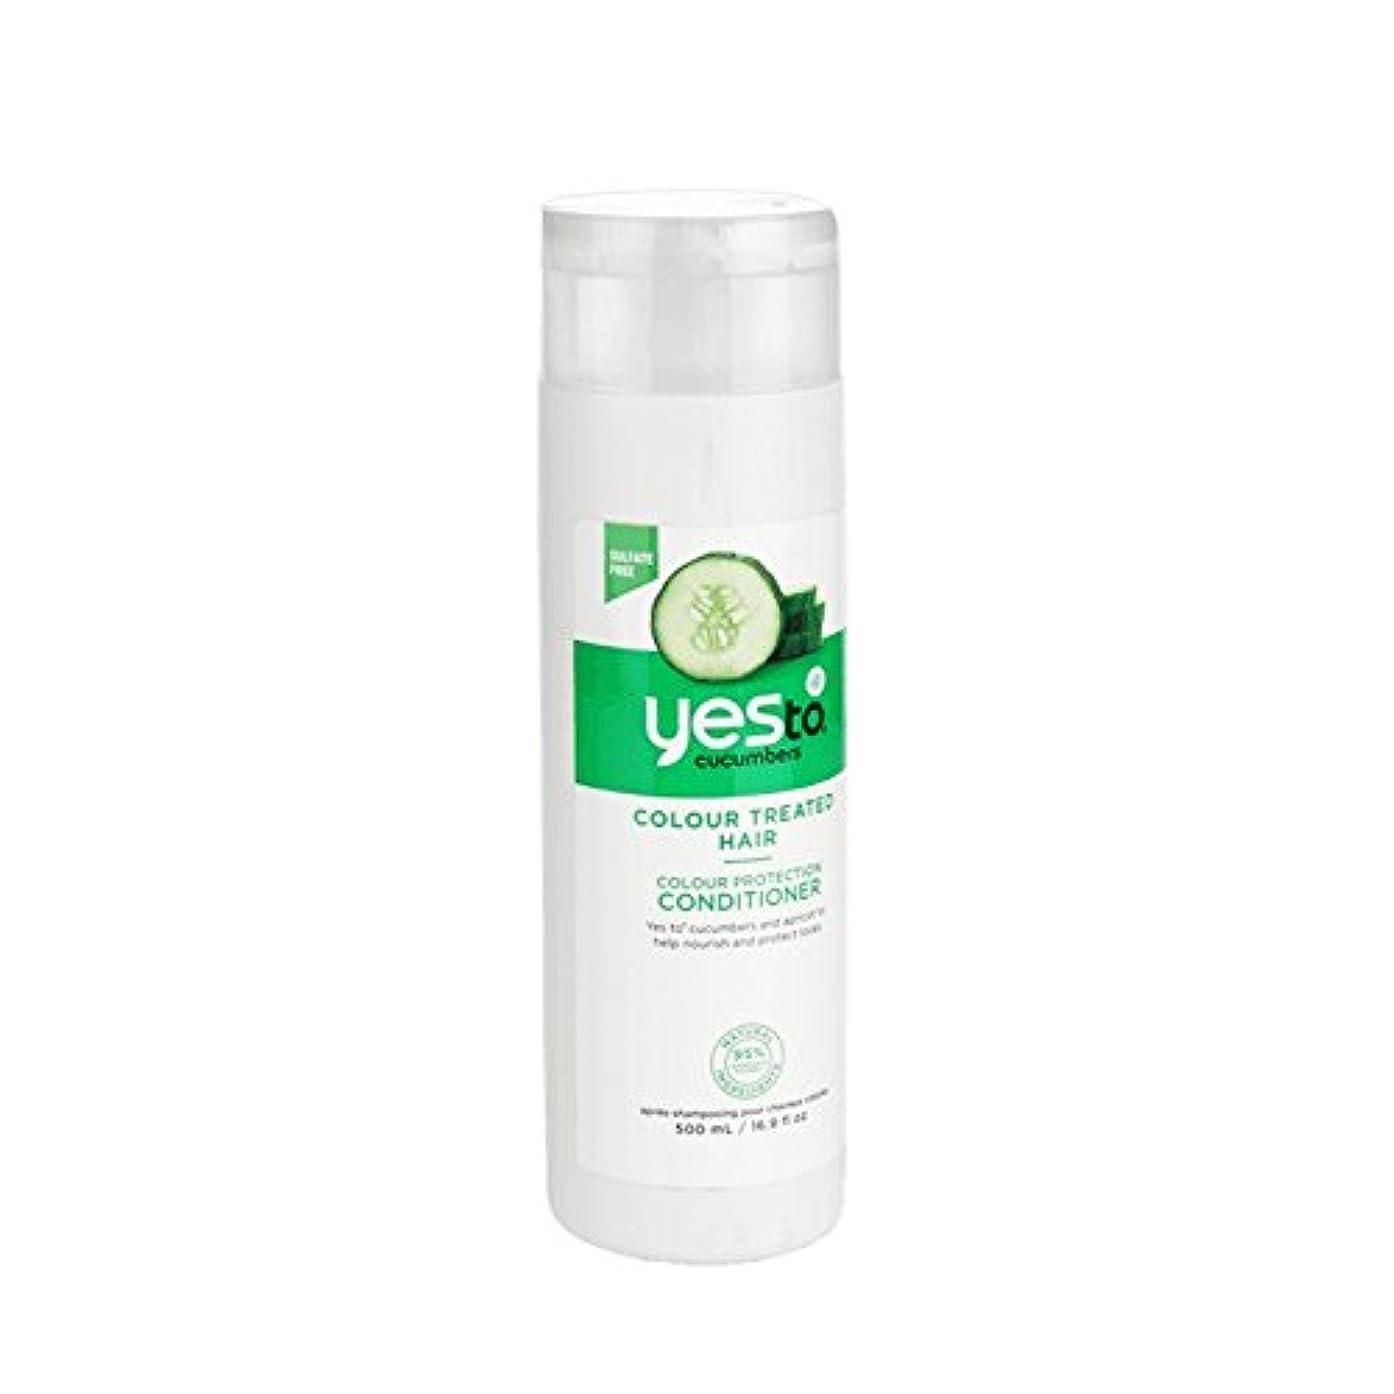 パッケージ空洞茎Yes To Cucumbers Colour Protection Conditioner 500ml (Pack of 2) - はいキュウリの色の保護コンディショナー500ミリリットルへ (x2) [並行輸入品]